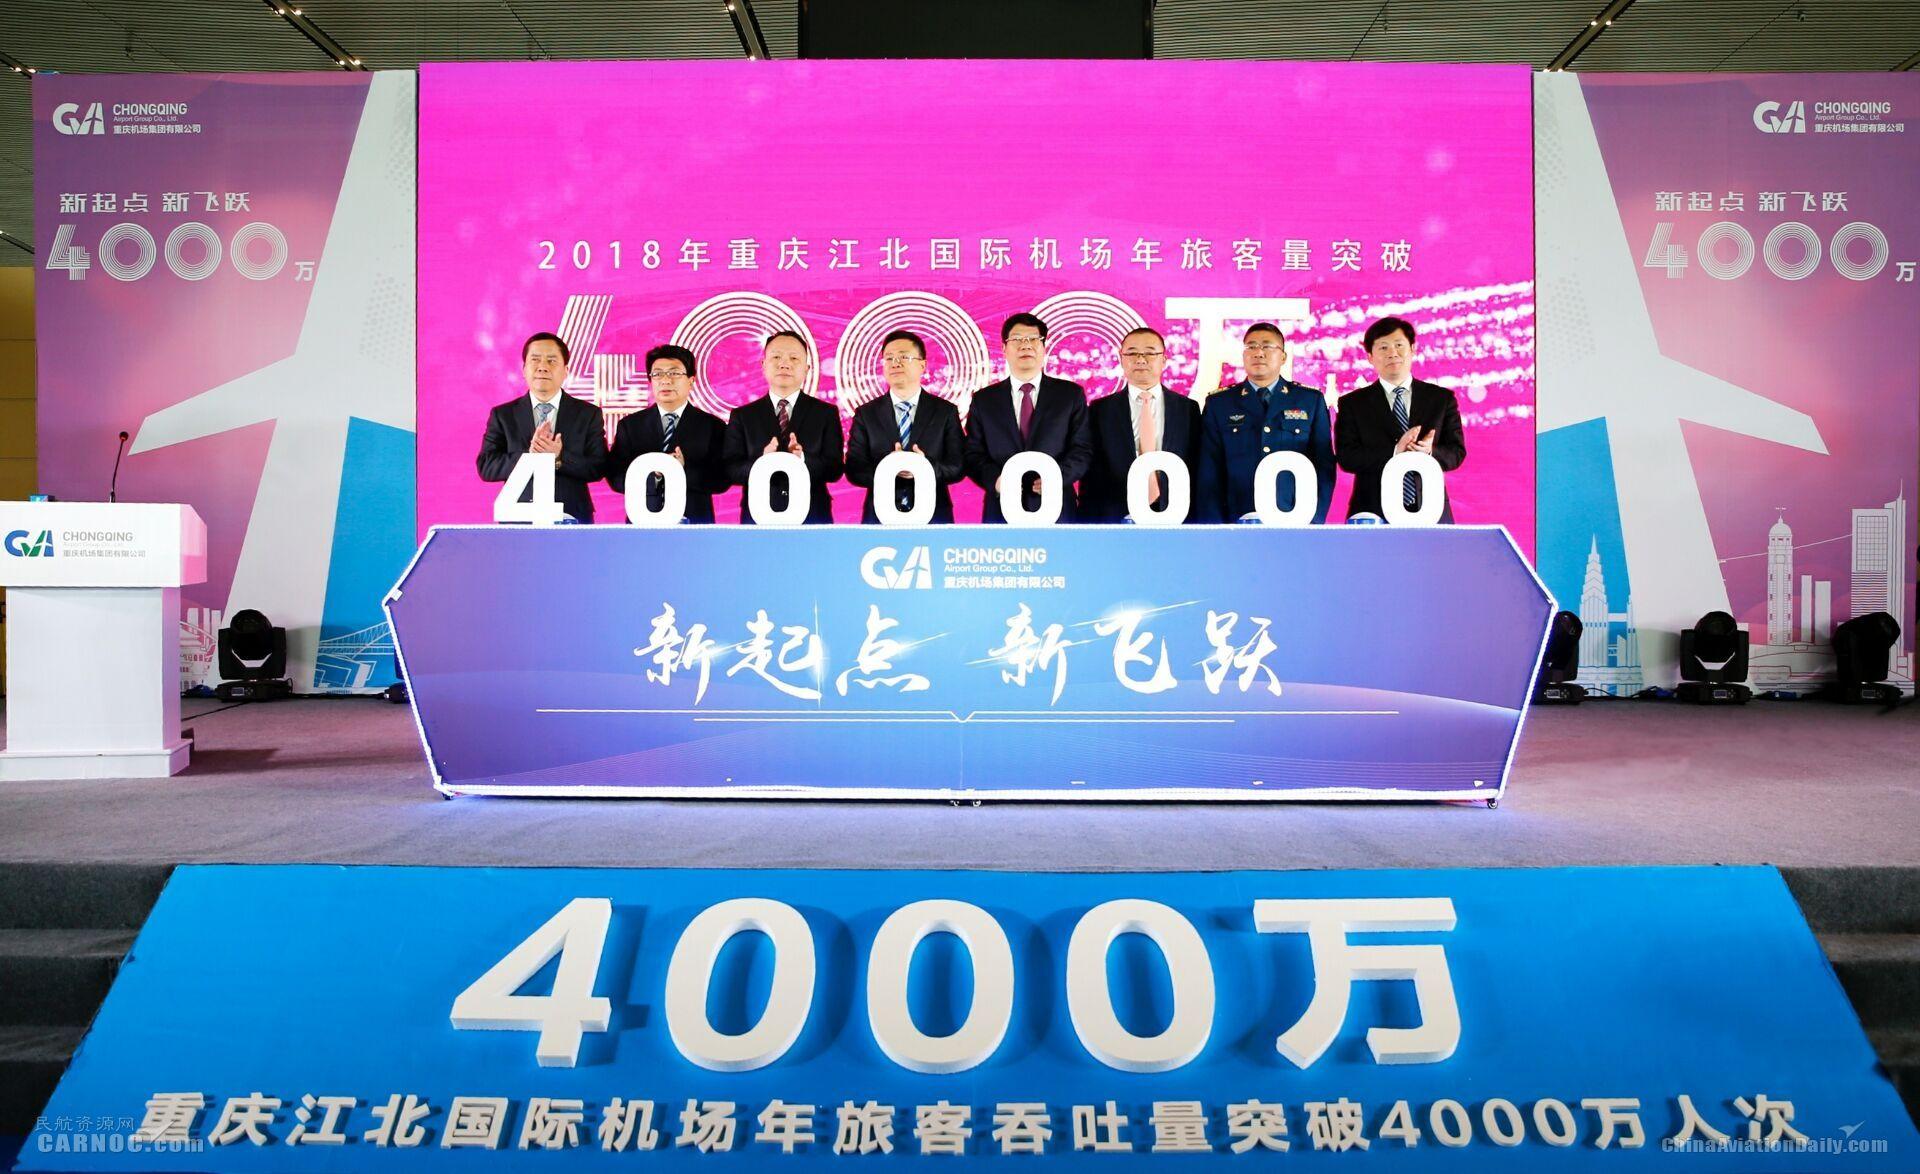 重庆江北机场年旅客吞吐量破4000万人次